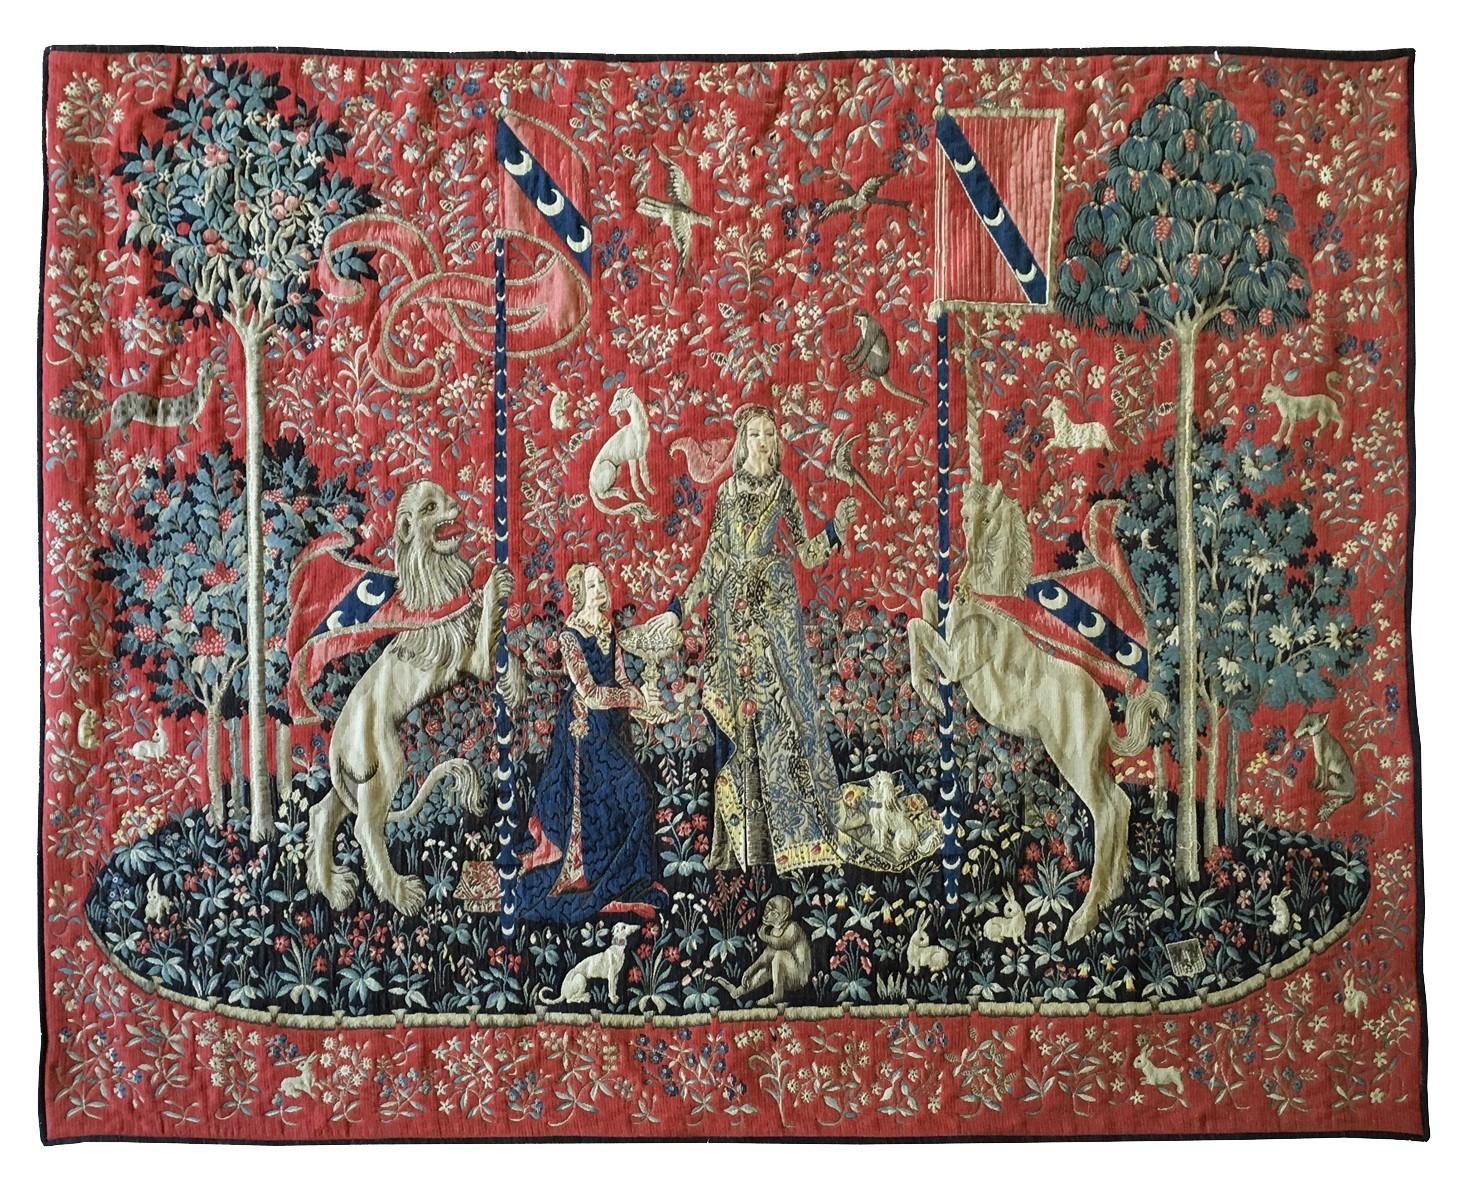 Dame la licorne la tapisserie - Tapisserie dame a la licorne ...